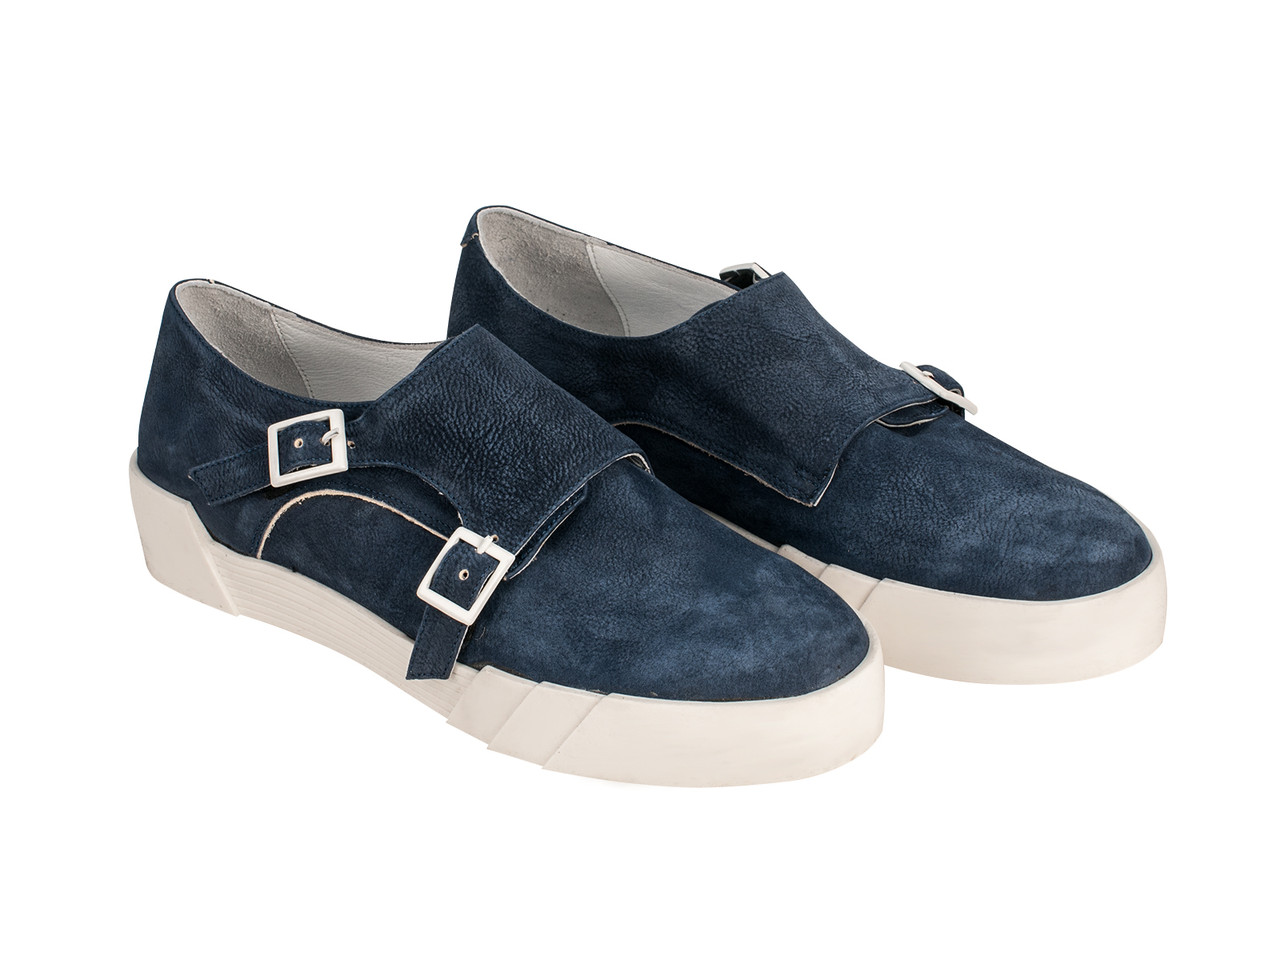 Монки Etor 6007-603-2 37 синие